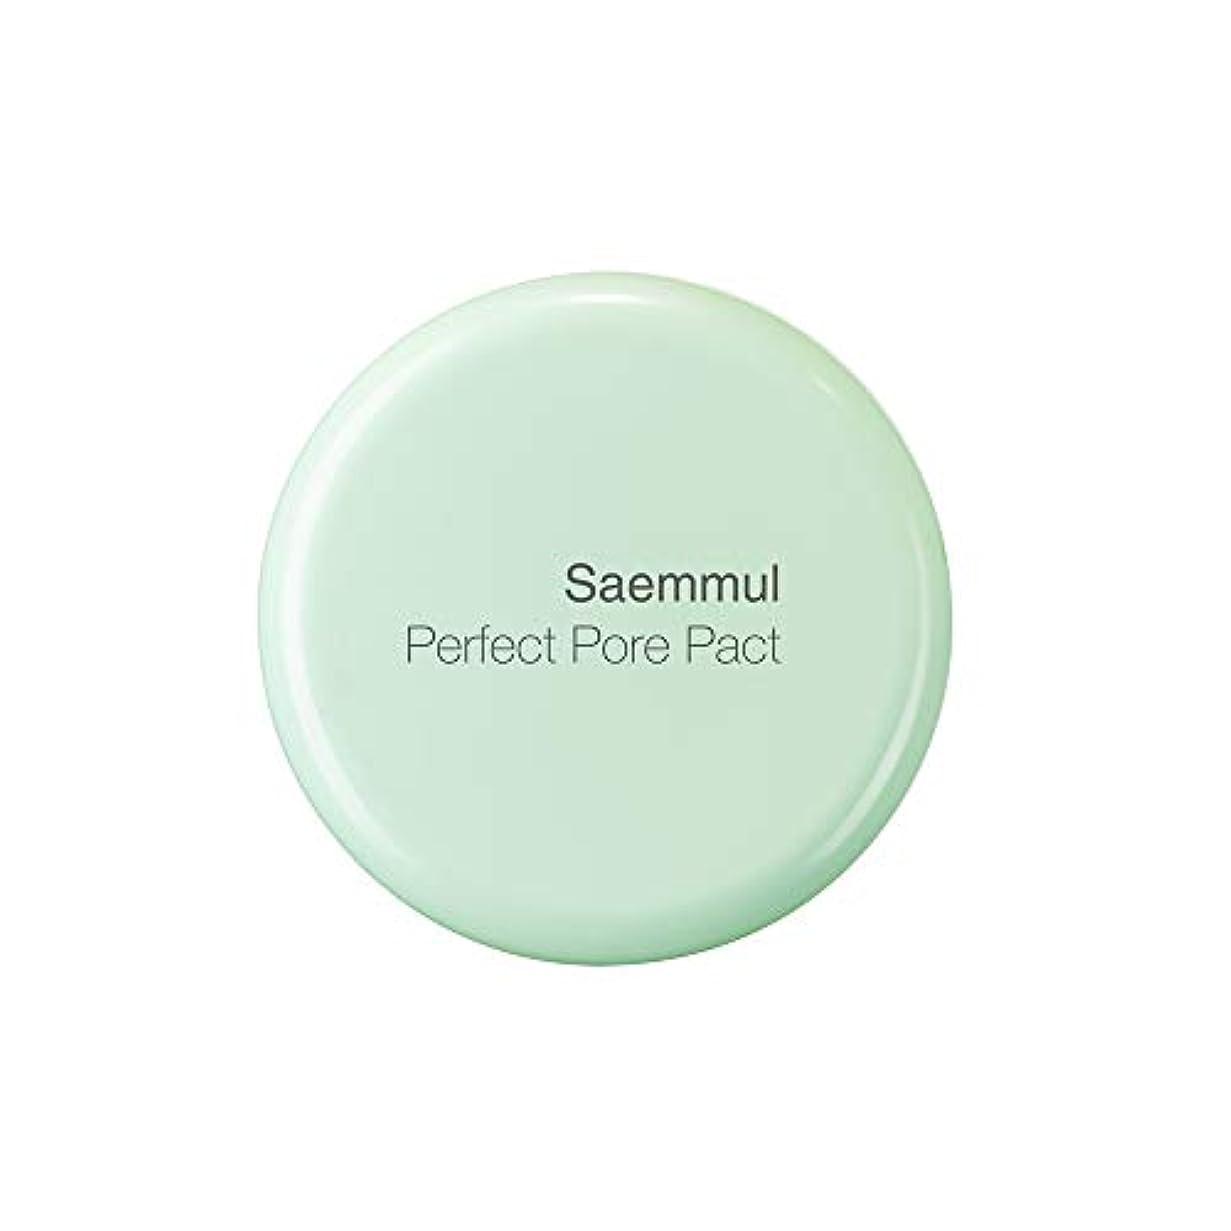 格納身元サーバTHE SAEM(ザ セム) センムル パーフェクトポア パクト 12g